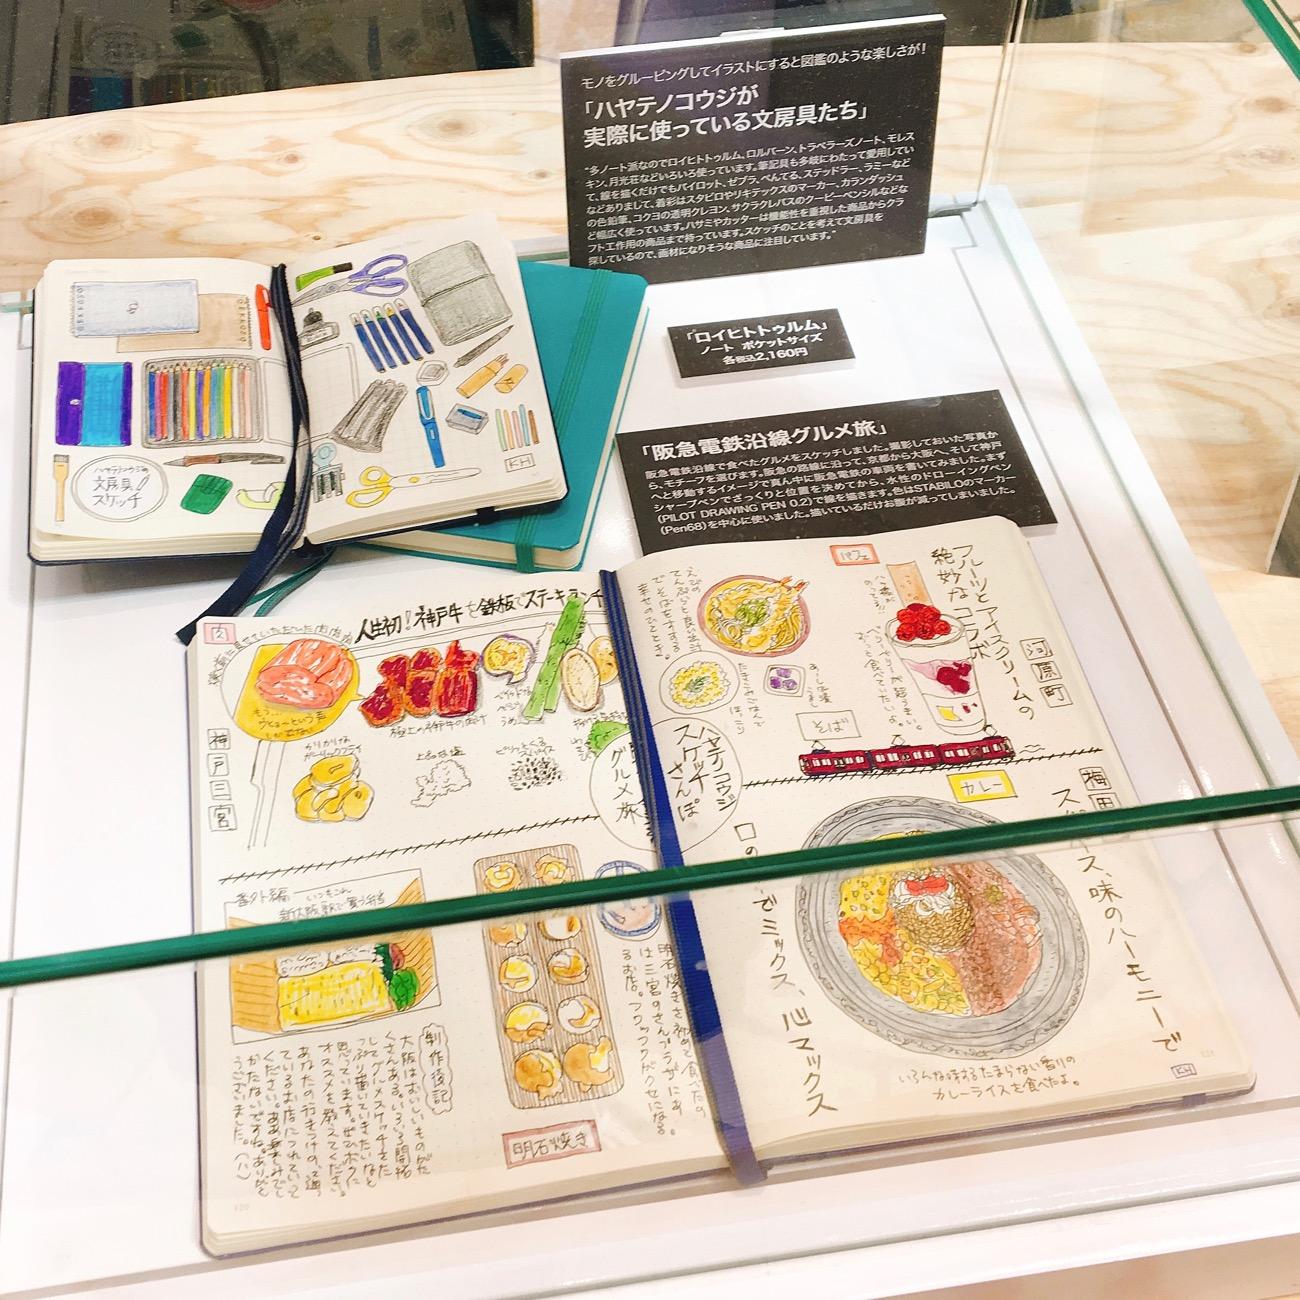 阪急うめだ「スケッチジャーナル展示」